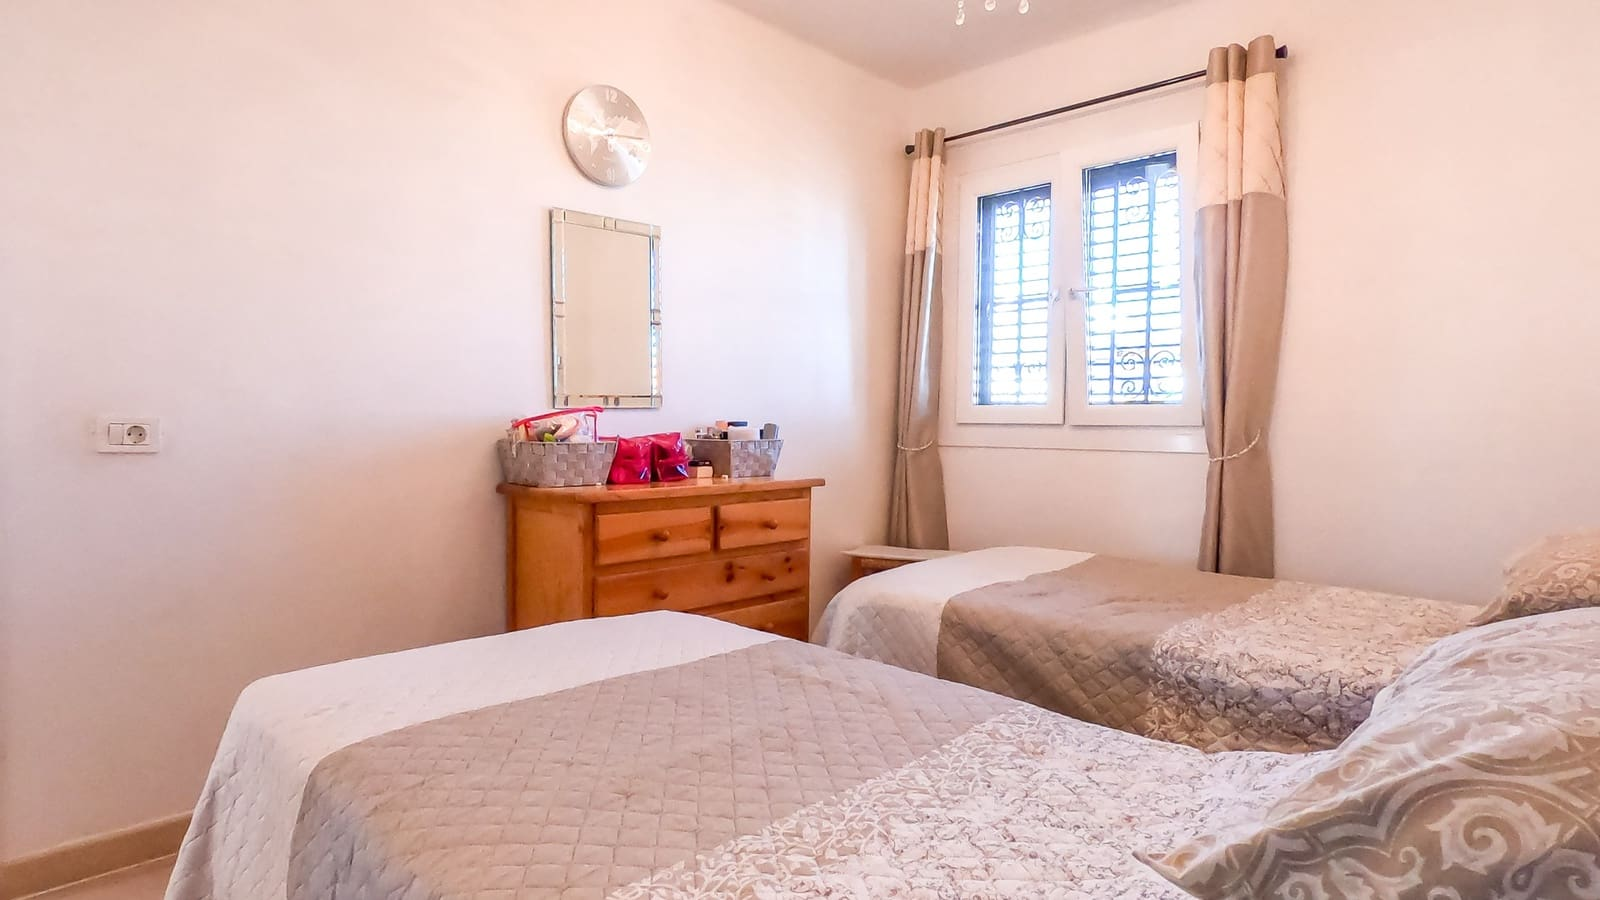 1 quarto Apartamento para venda em Puerto del Carmen com piscina - 150 000 € (Ref: 5983722)